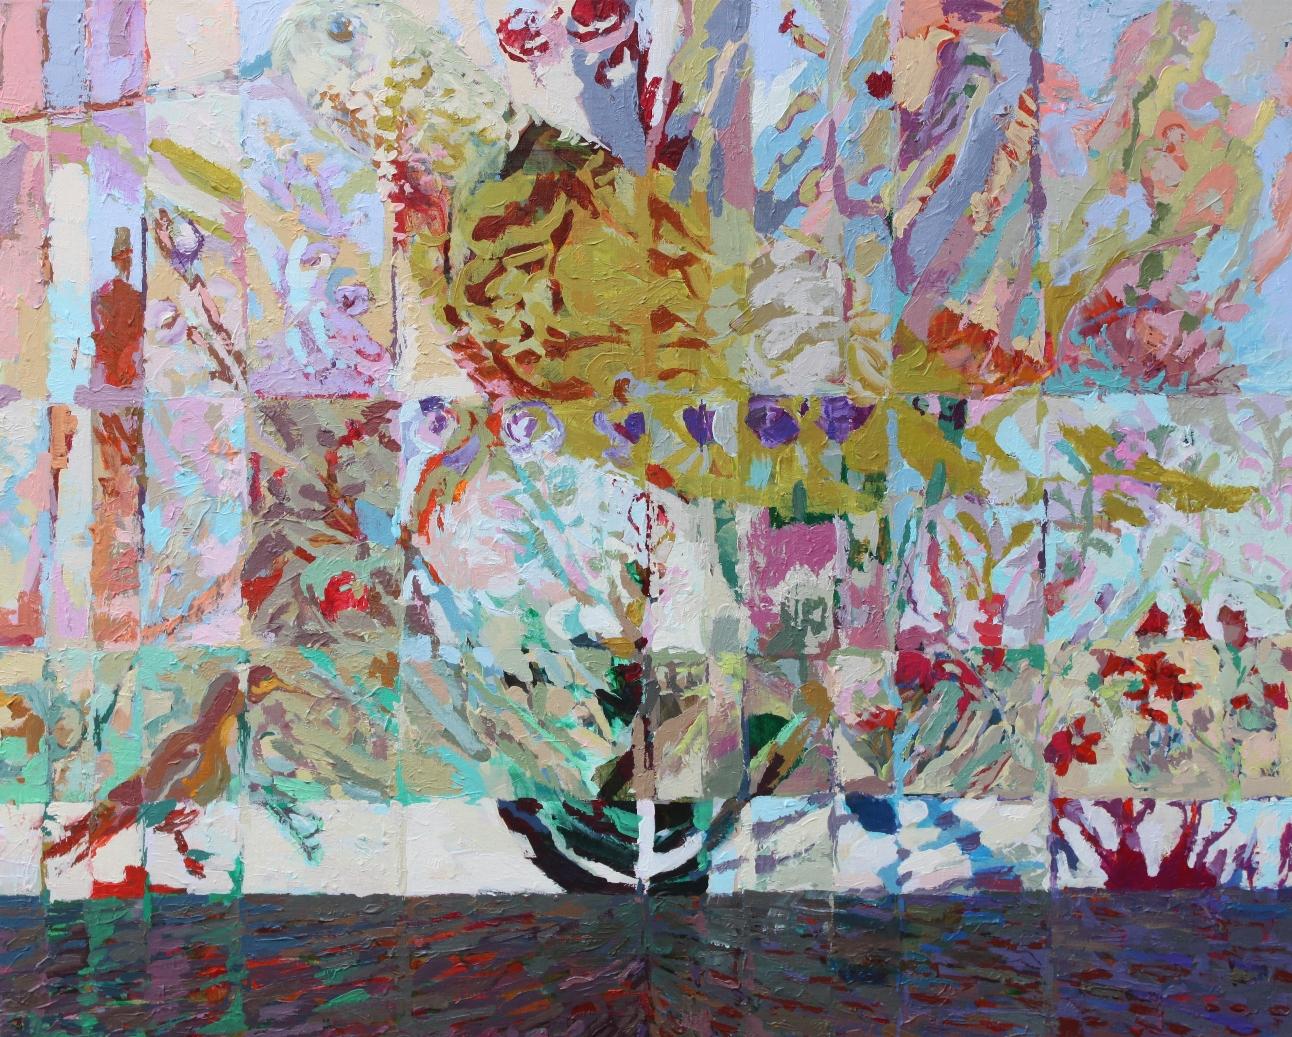 Aufbruch,  Acryl auf Leinwand 160 x 130